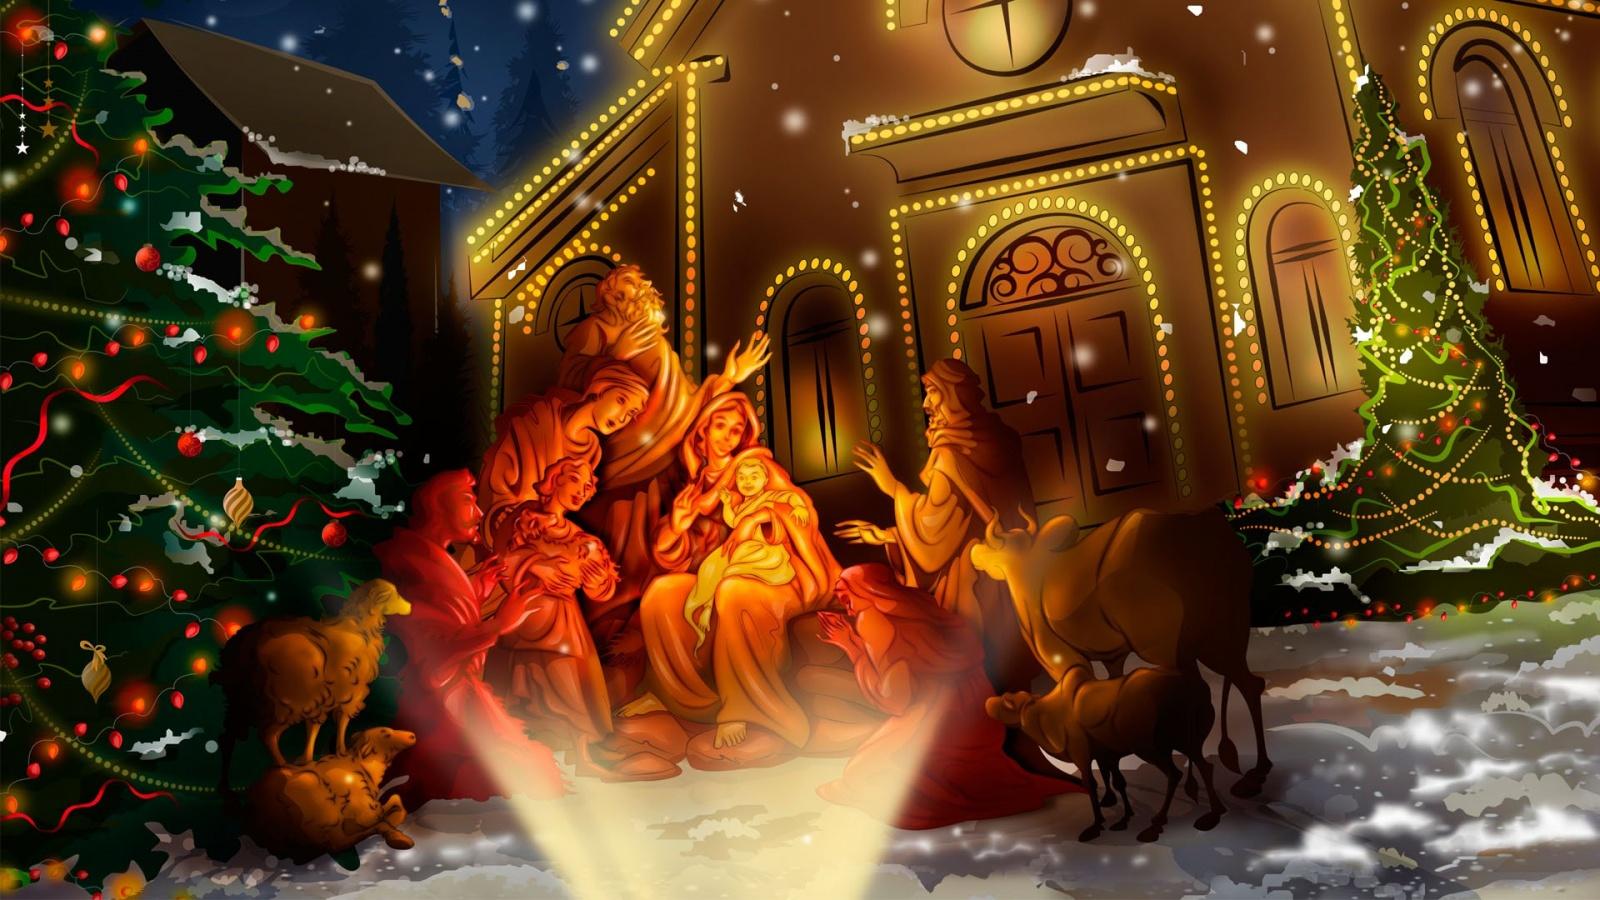 Картинки фото рождество, картинки прикольные открытка